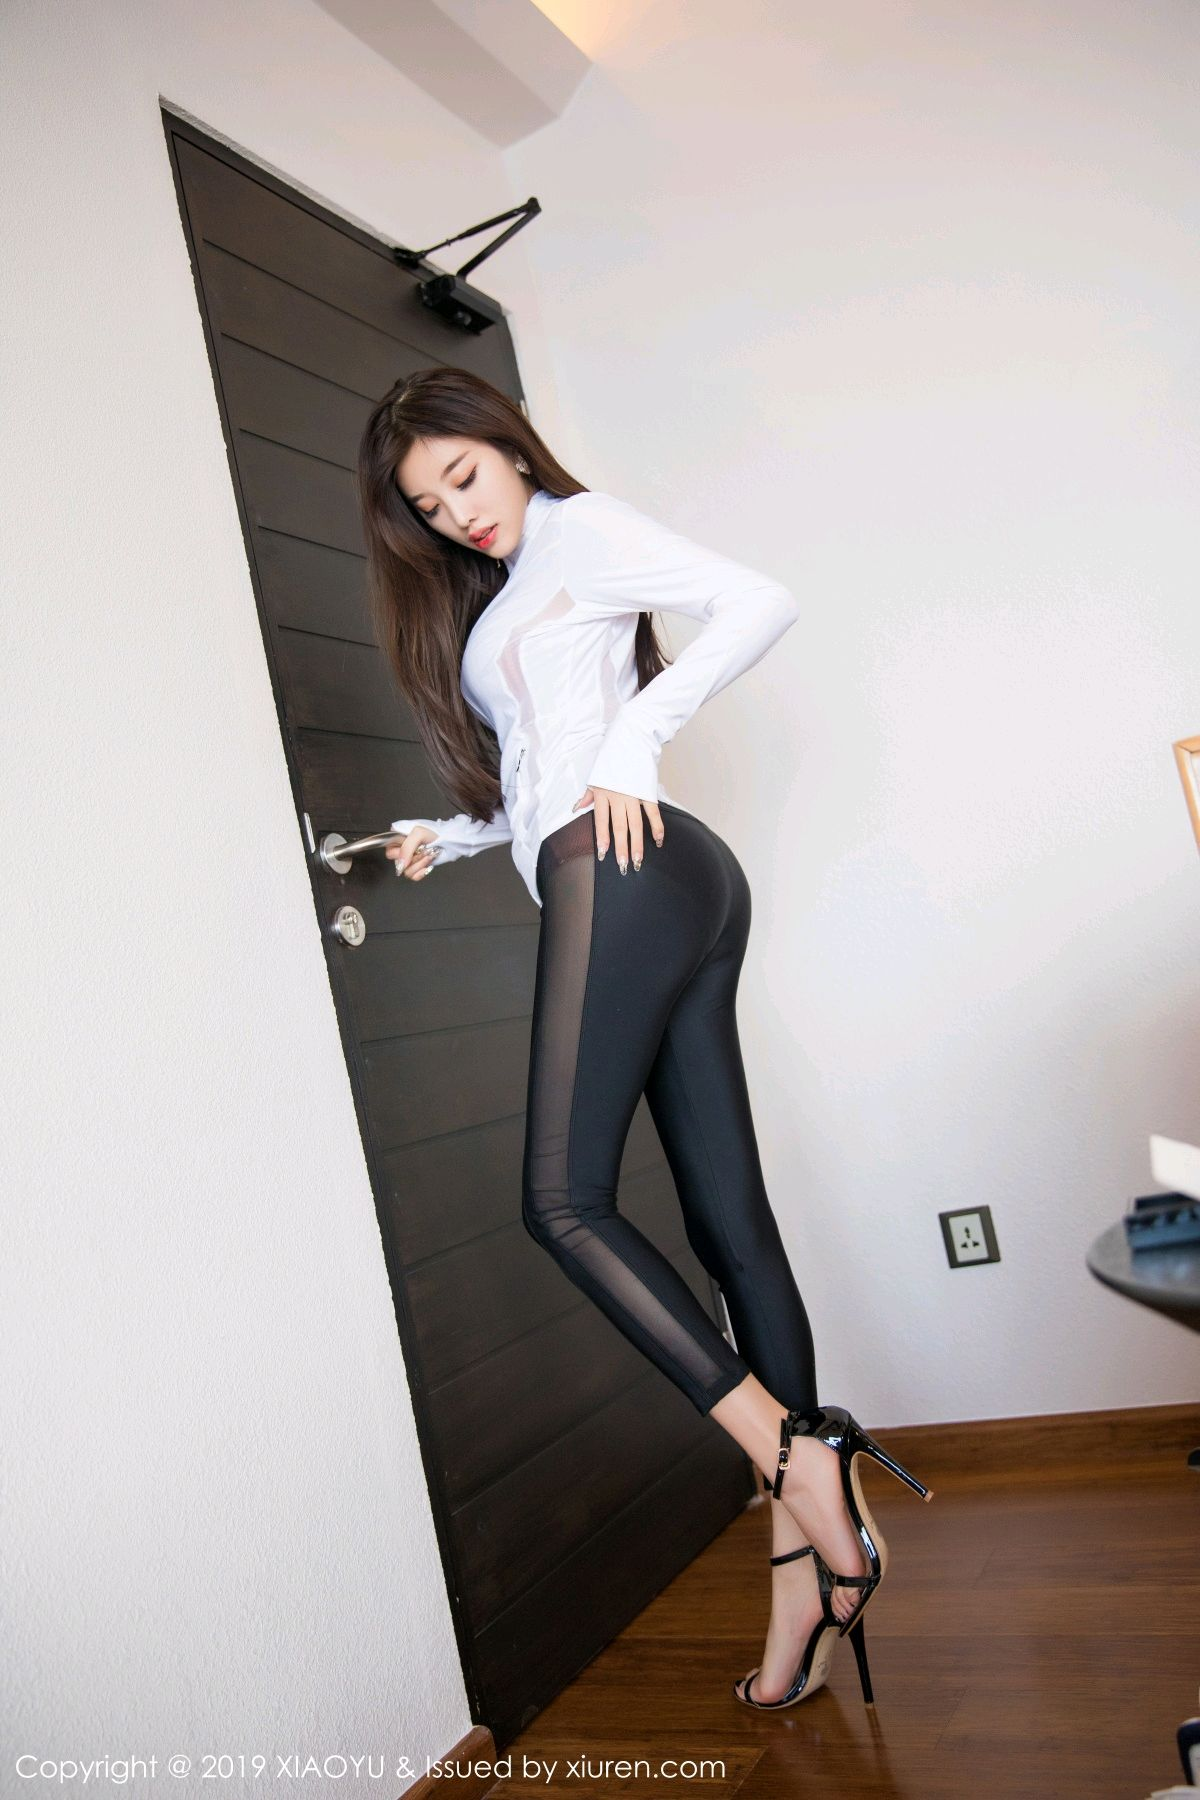 [XiaoYu] Vol.077 Yang Chen Chen Sugar 8P, Underwear, XiaoYu, Yang Chen Chen